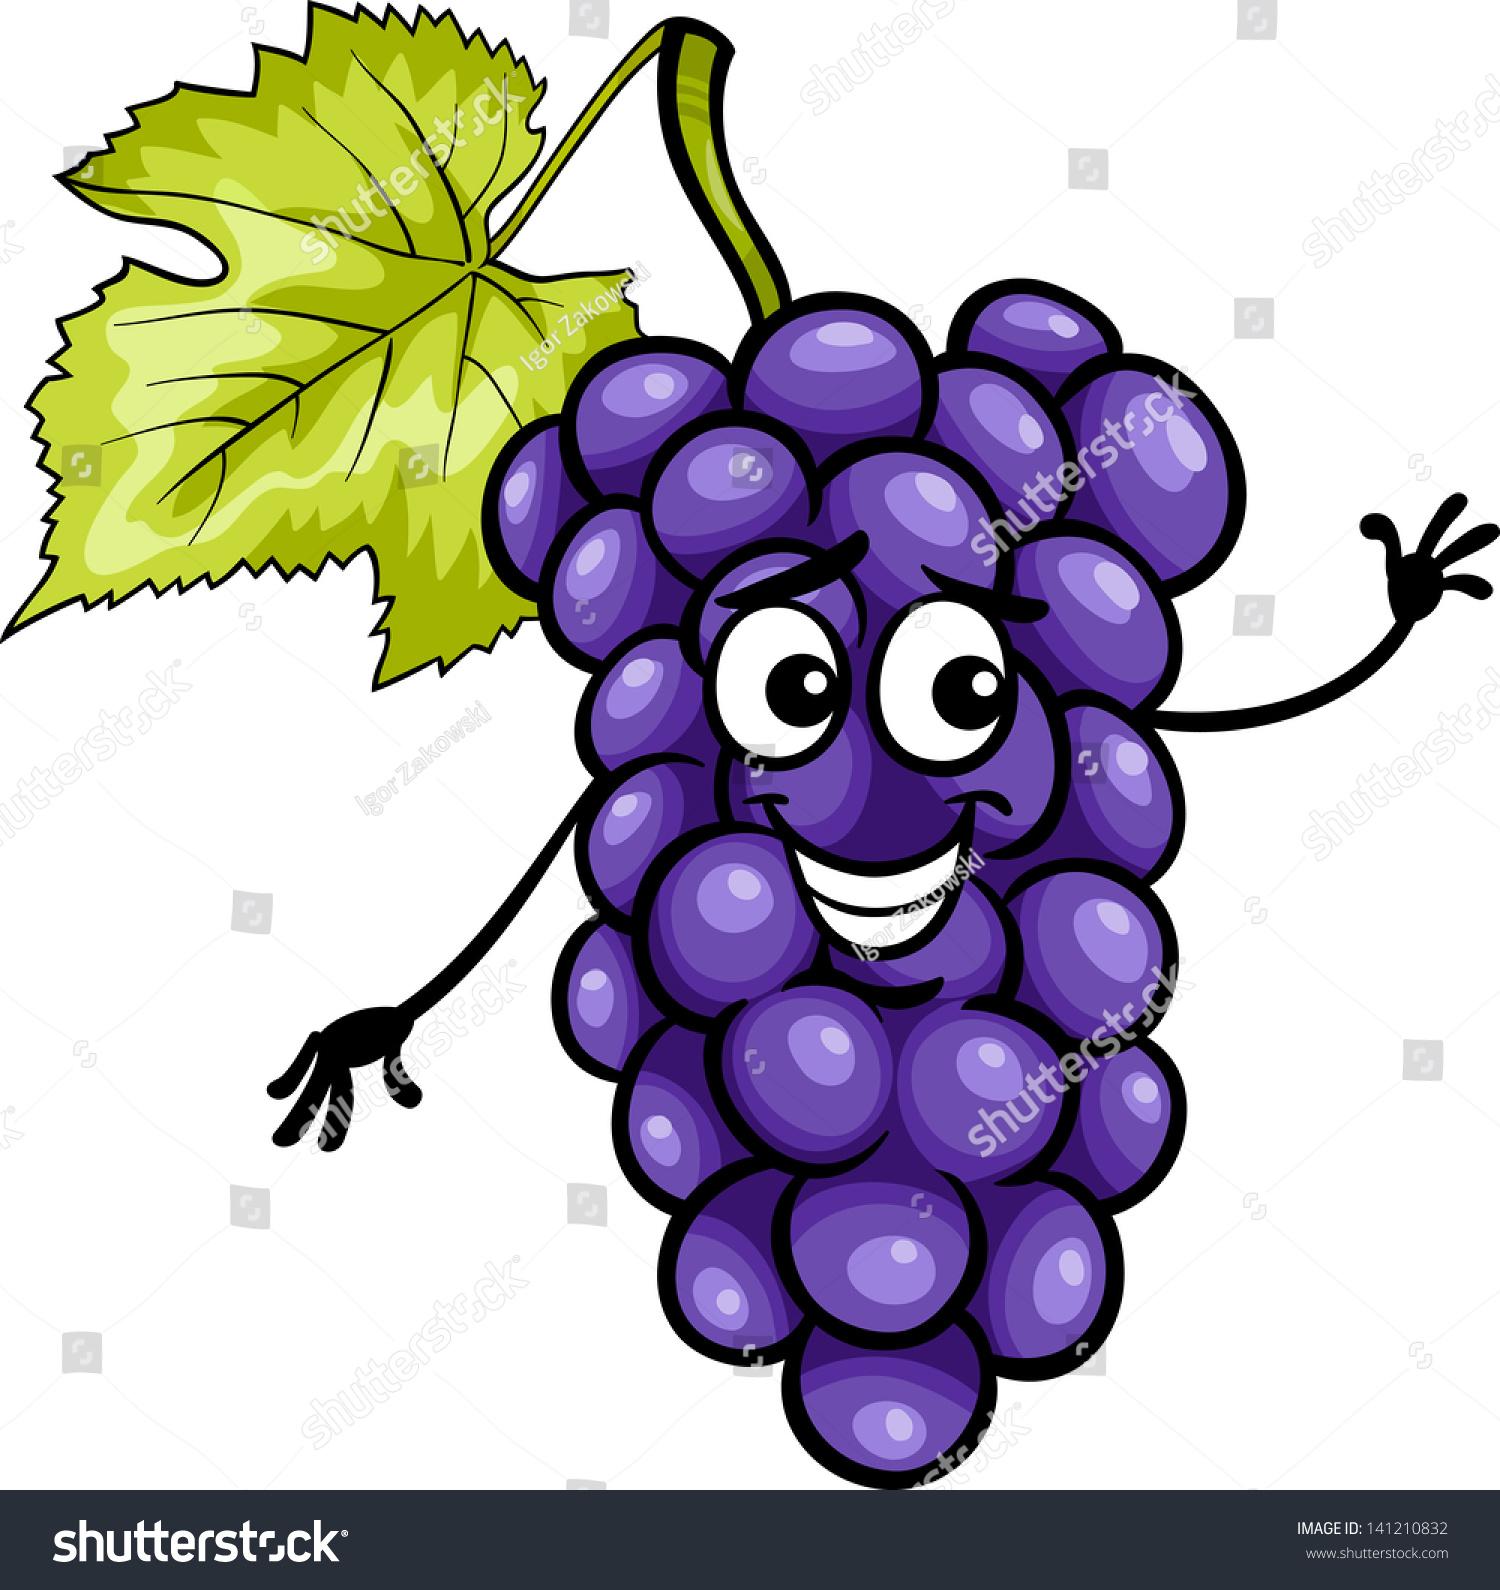 卡通插图的滑稽的蓝色或黑色的葡萄水果食品漫画人物图片